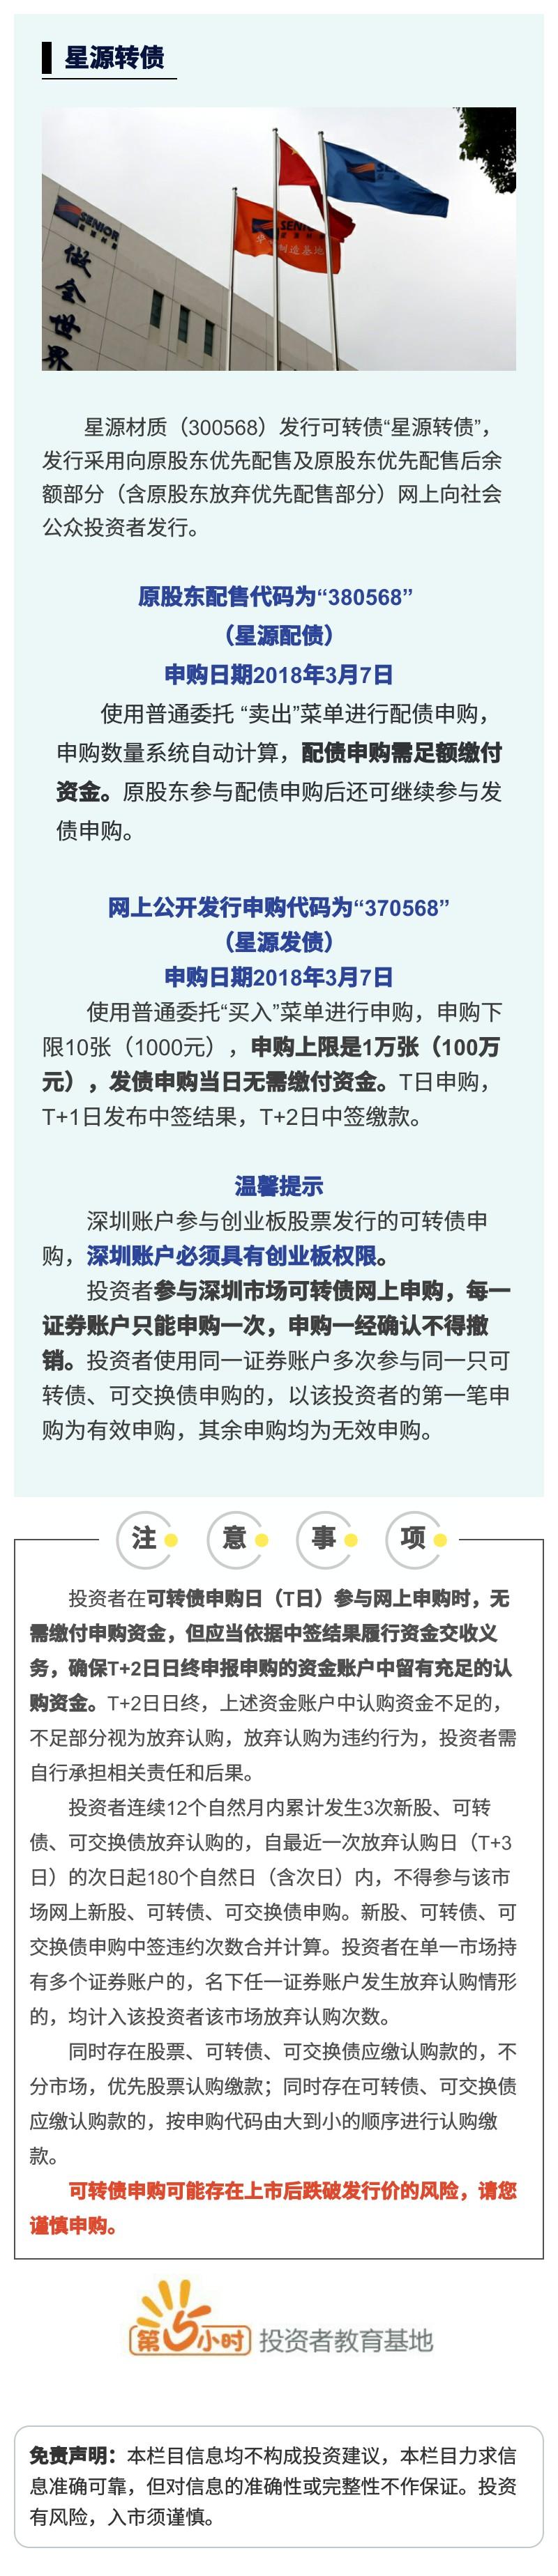 【新债申购】星源材质(300568)公开发行可转换公司债.jpg